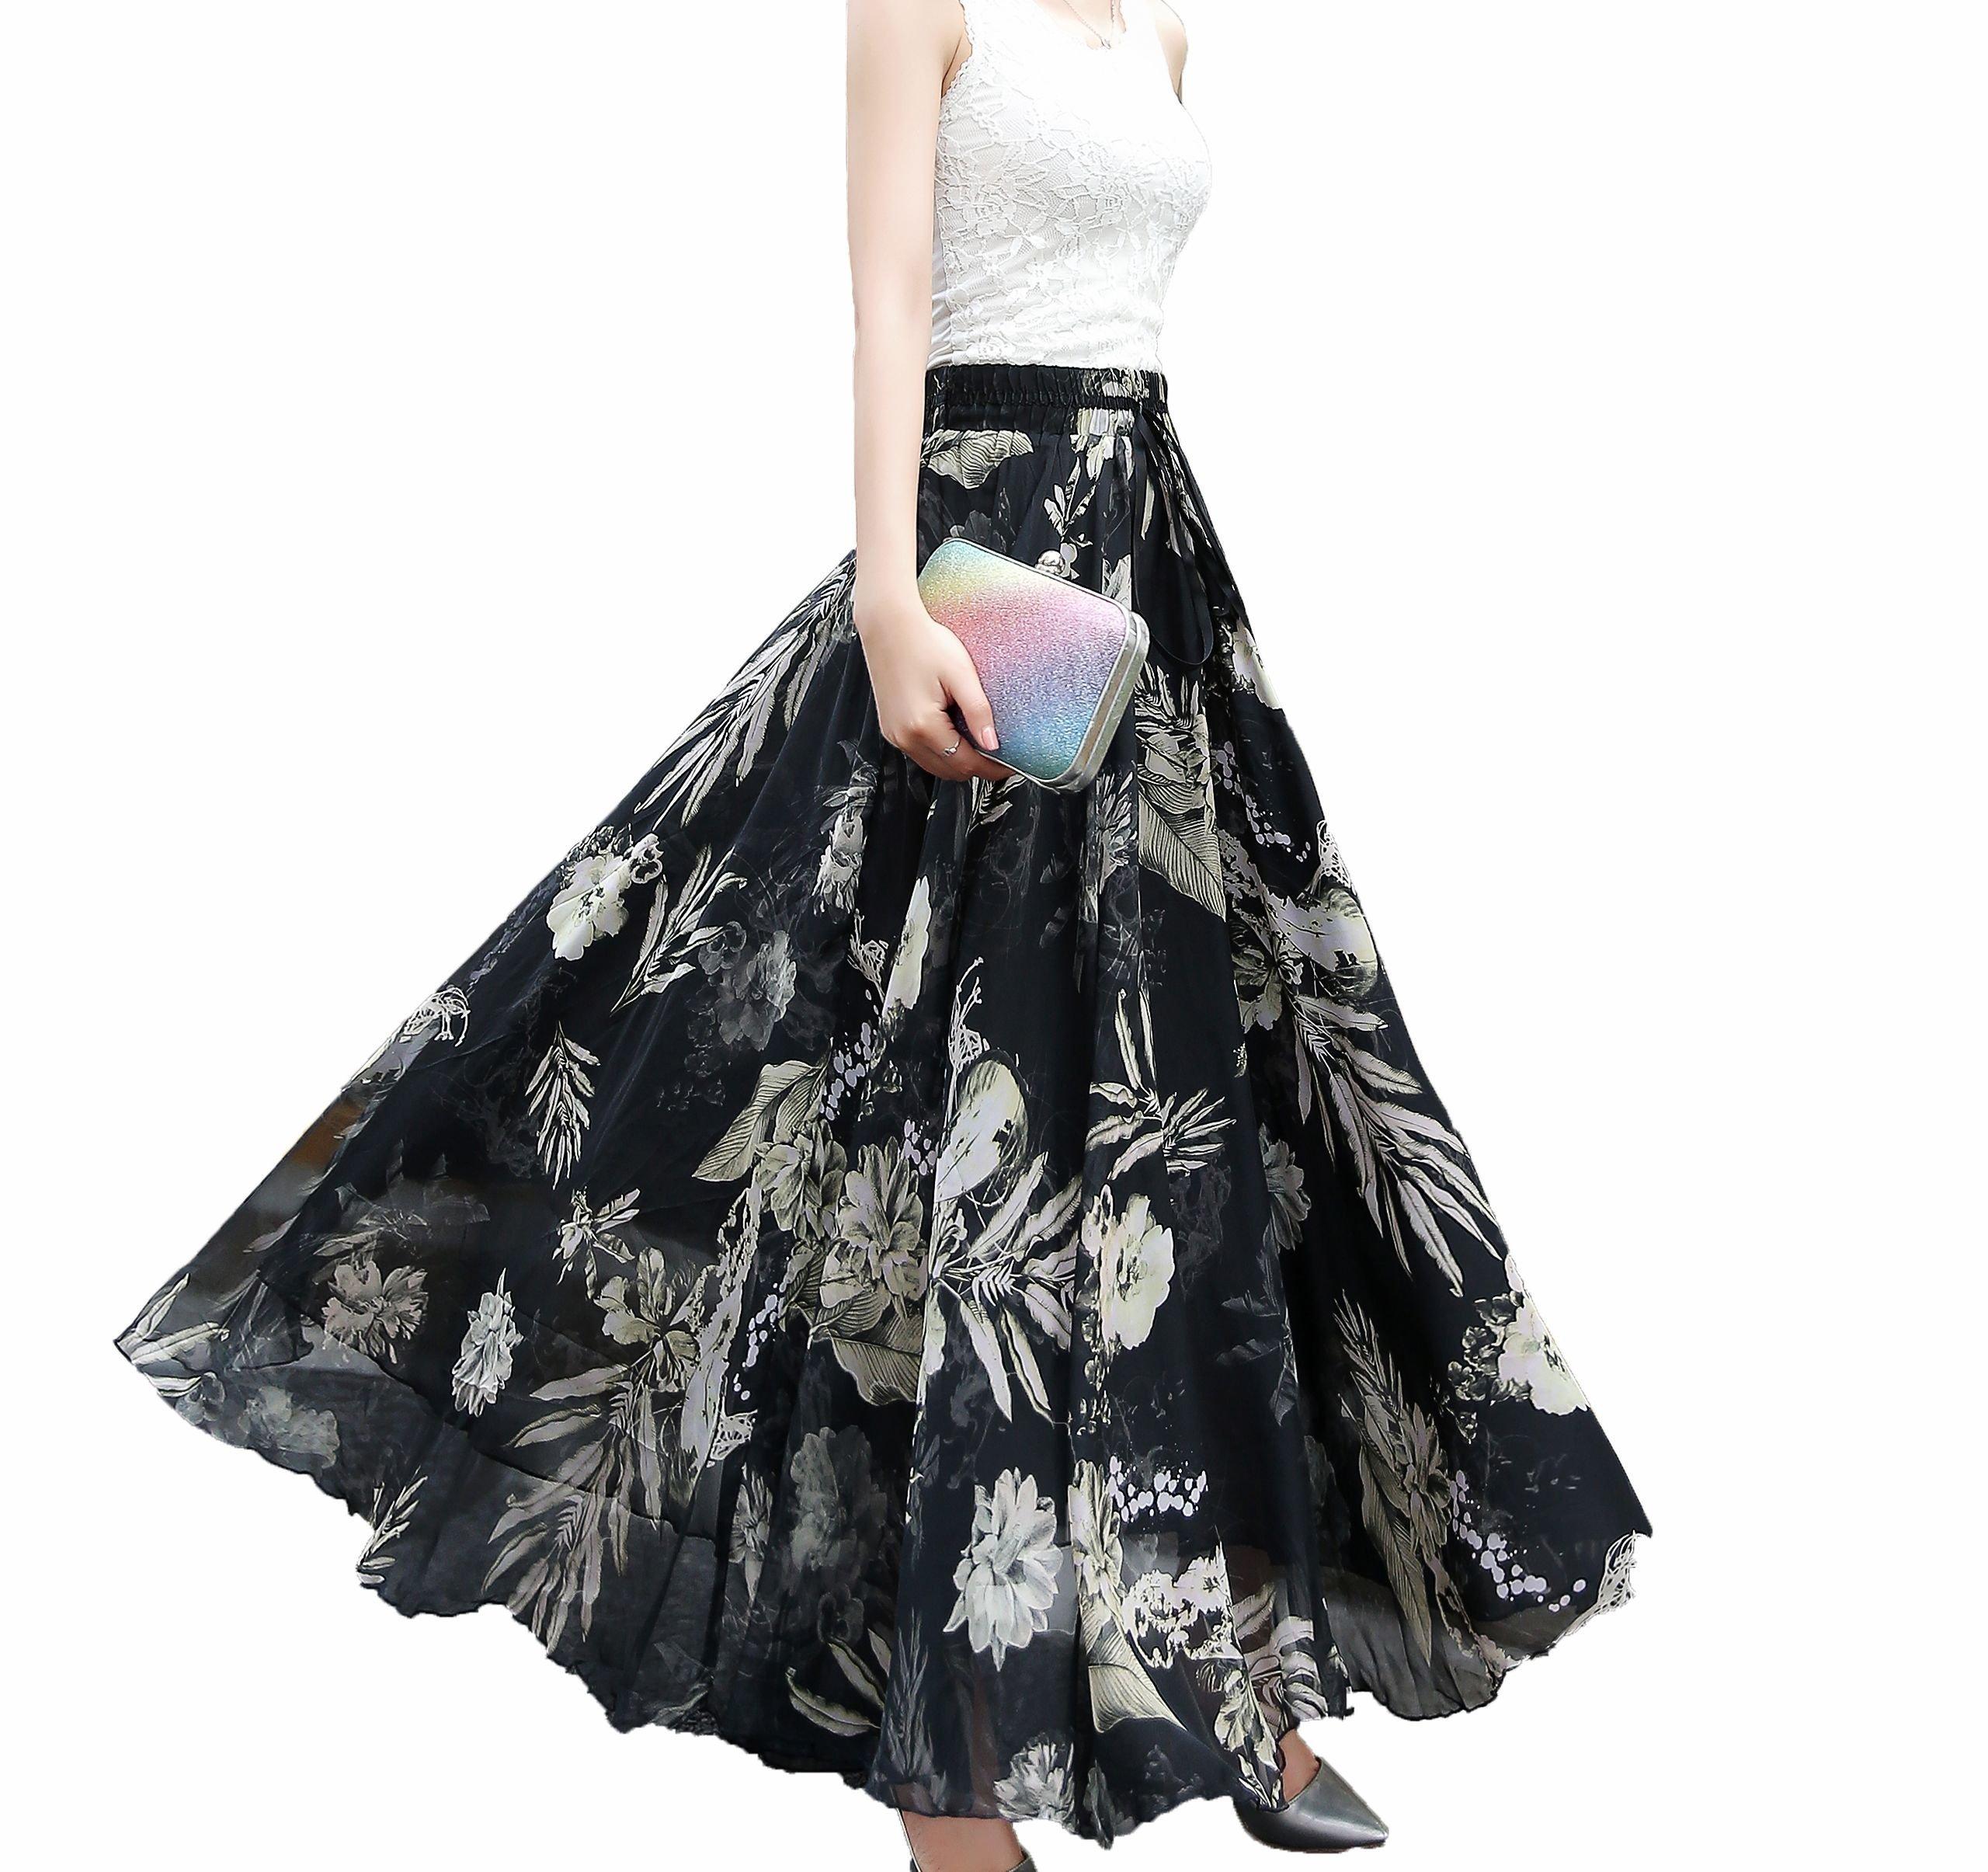 Afibiウィメンズミックスシフォンレトロマキシドレスヴィンテージドレスパターン139ミディアム